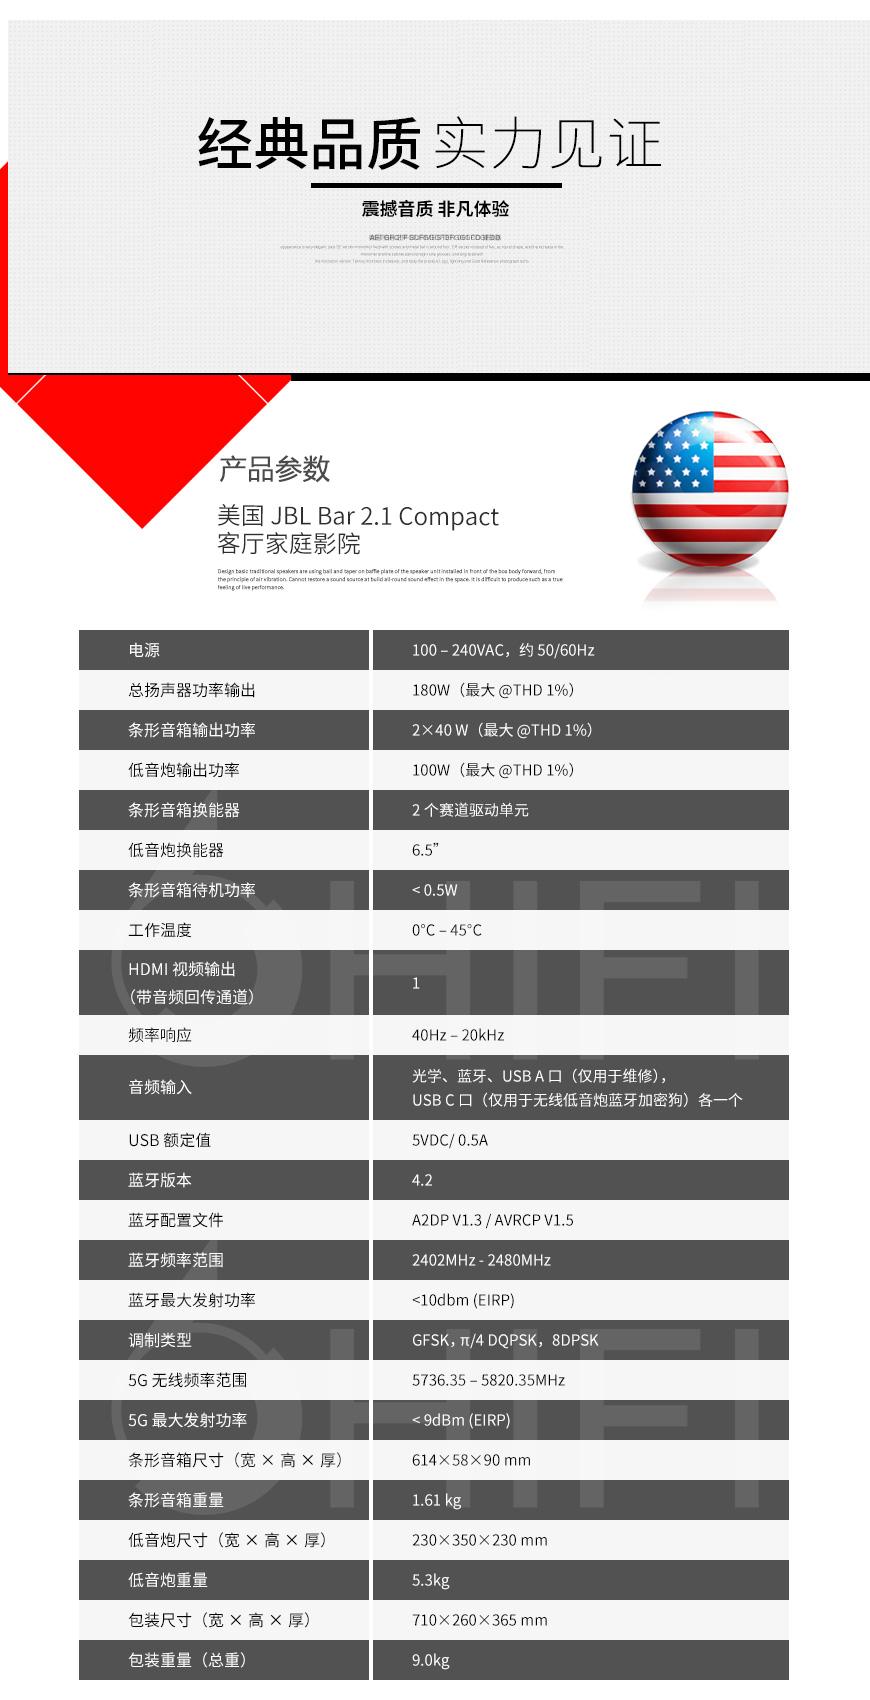 美国 JBL Bar 2.1 Compact 客厅家庭影院 回音壁 蓝牙2.1音箱,JBL 客厅家庭影院 回音壁 蓝牙2.1音箱,美国 JBL Bar 2.1 Compact 蓝牙2.1音箱,美国 JBL